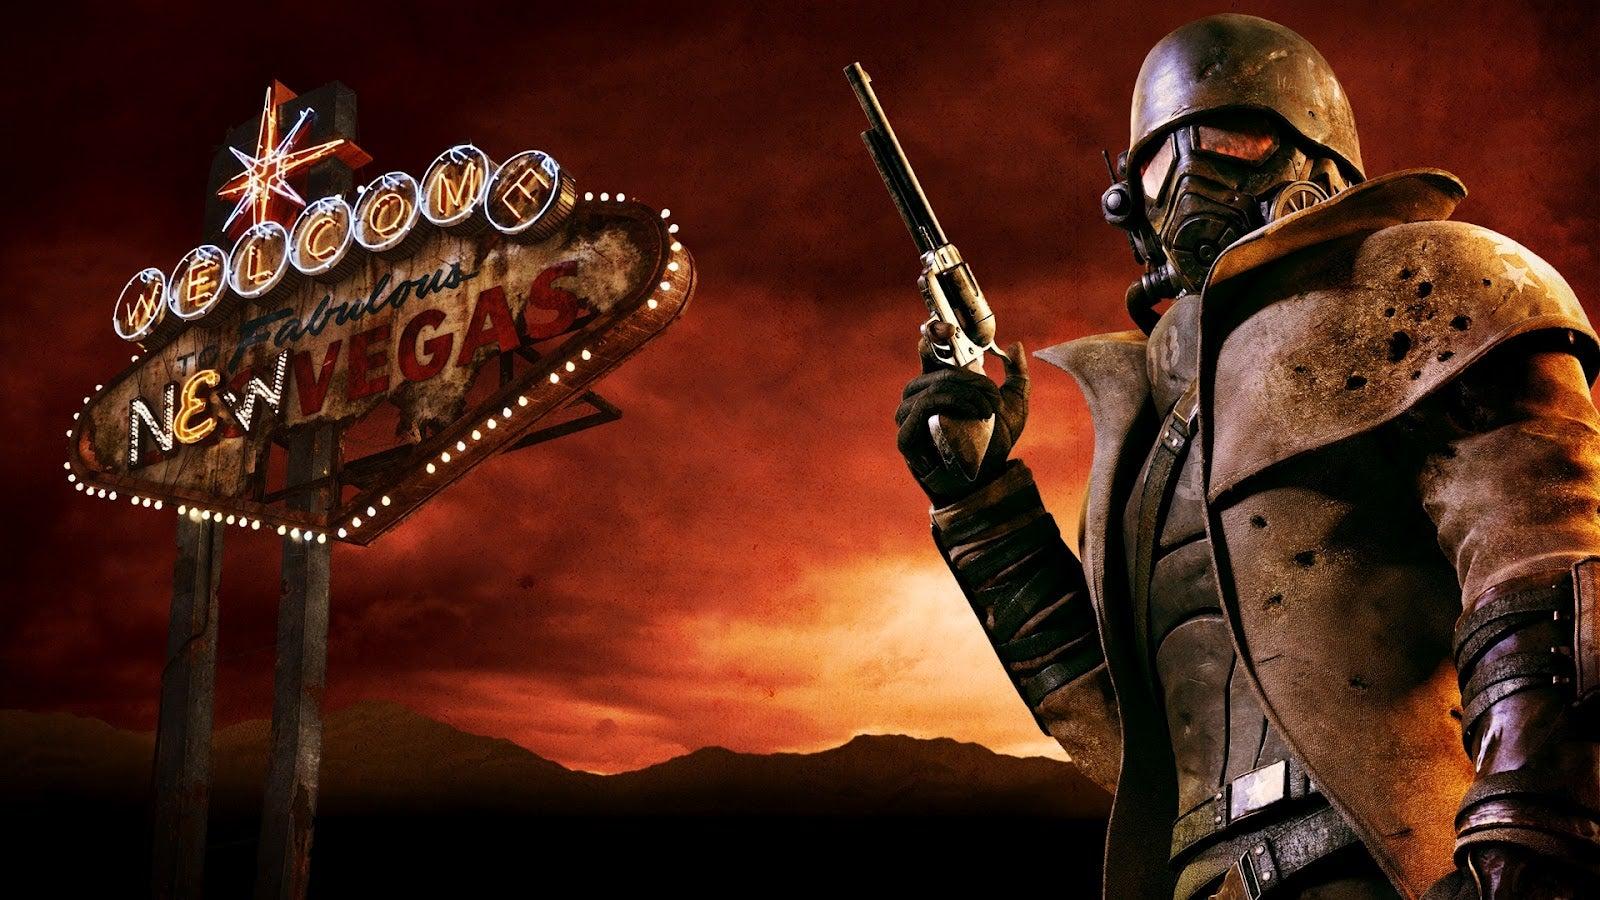 Появились скриншоты ивидео фанатского ремейка Fallout New Vegas